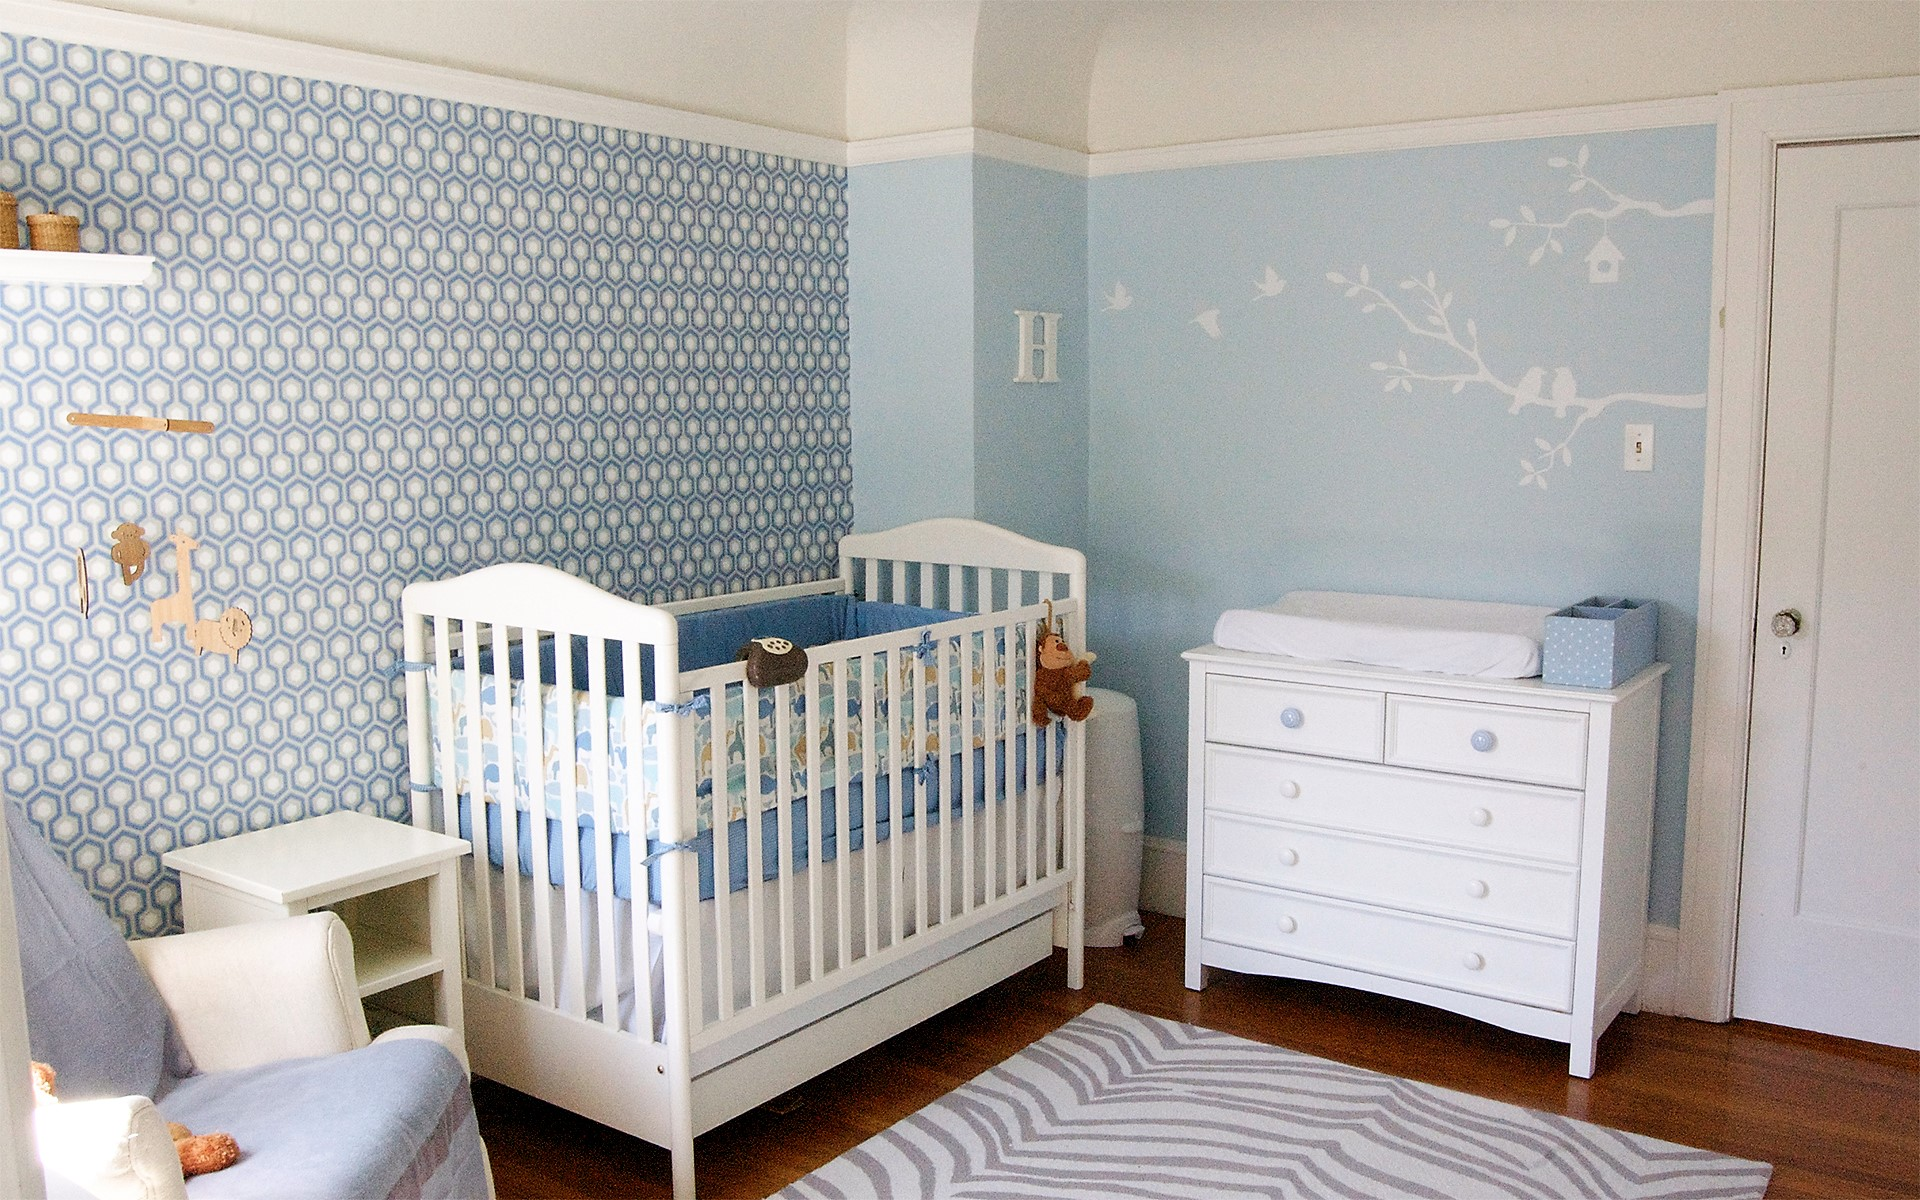 Ventilador de teto Spirit - Blog Myspirit - capa blog - adesivos de parede para quarto de bebê